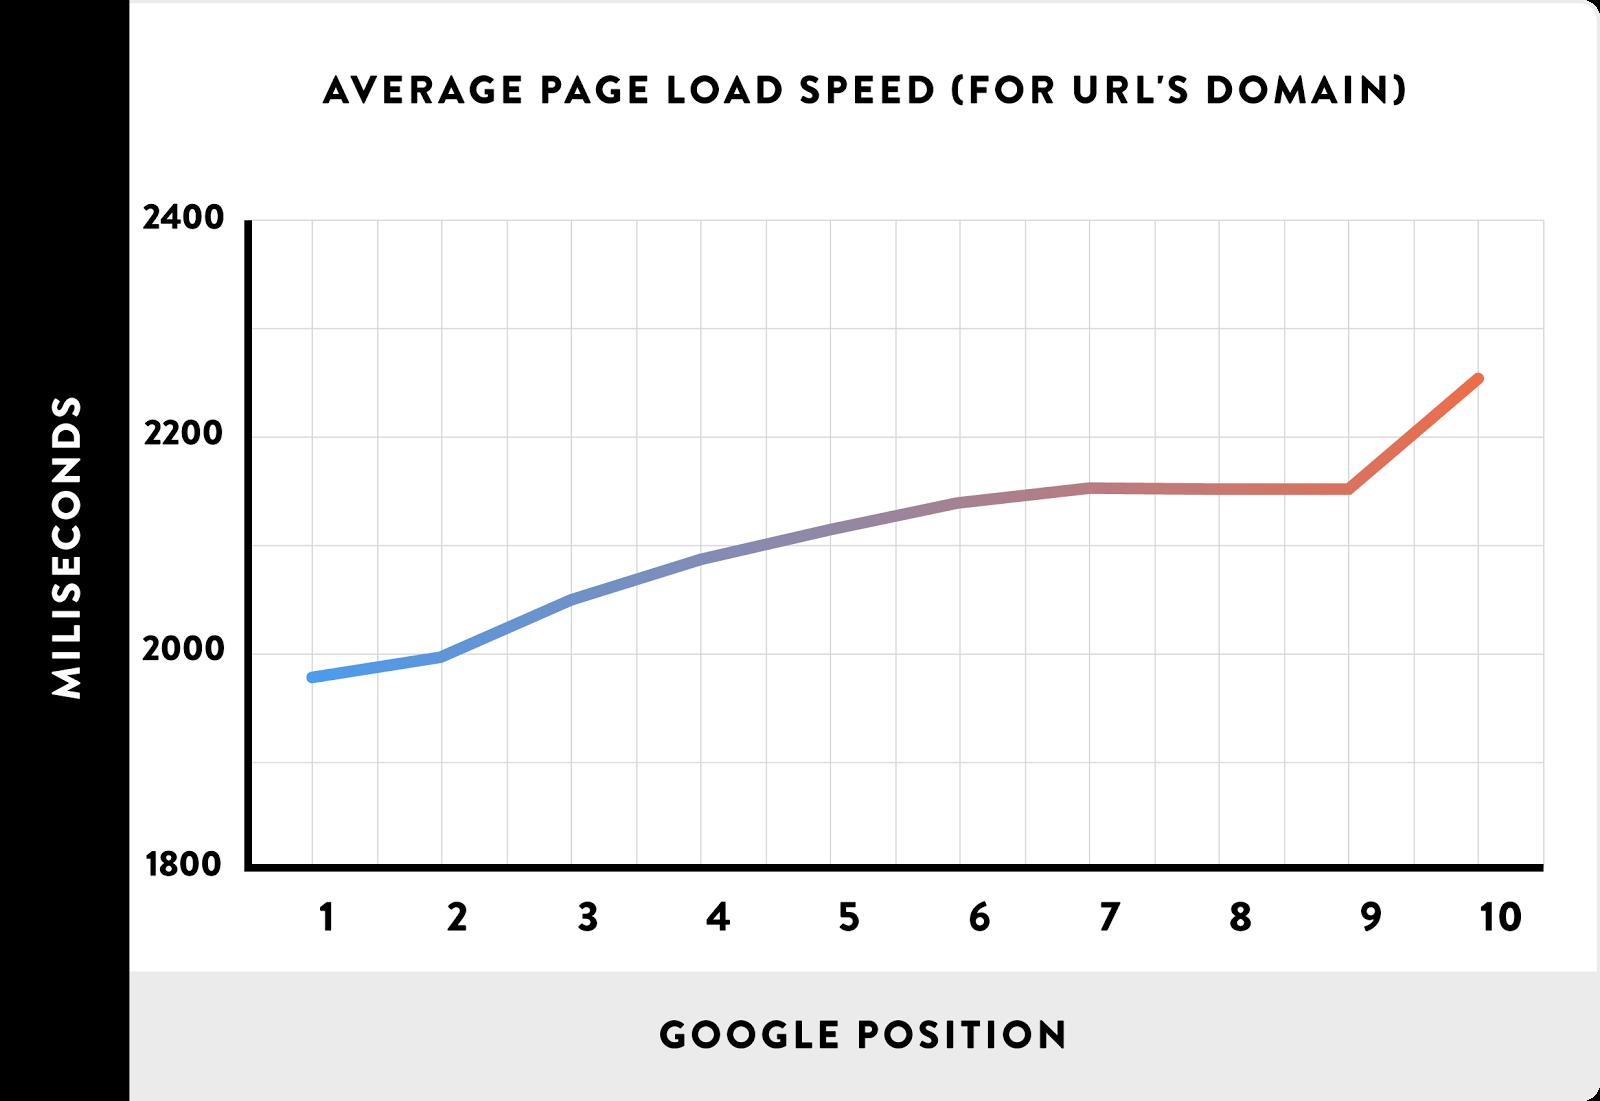 نسبت جایگاه در گوگل و سرعت سایت